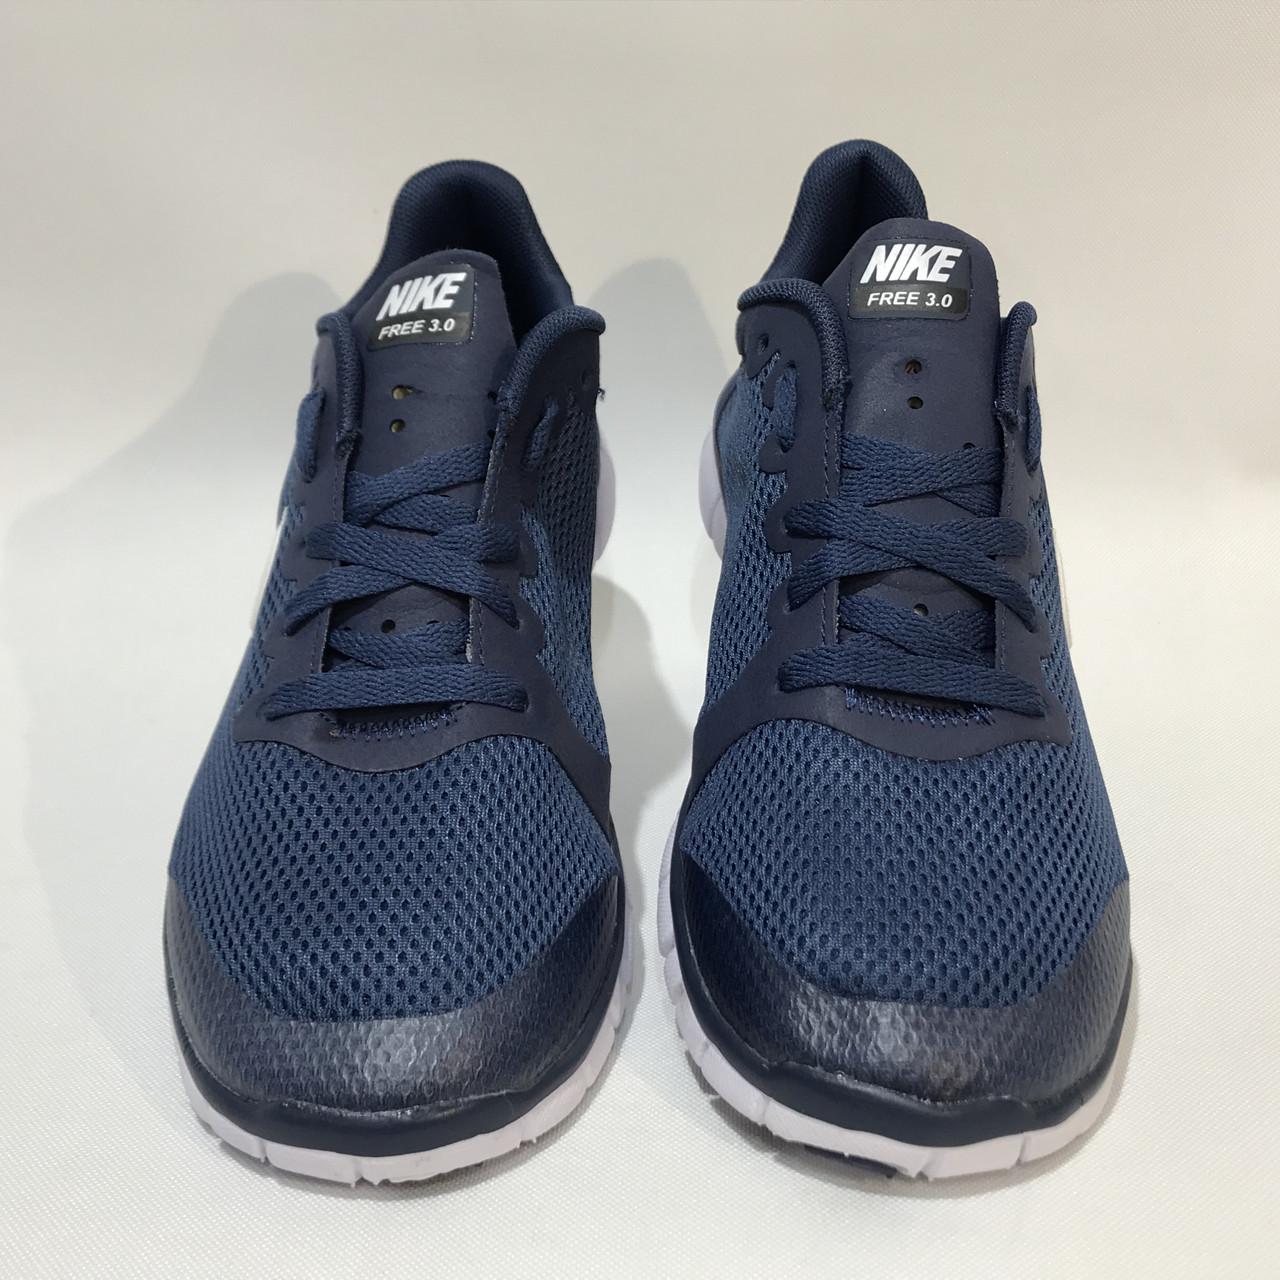 9fc1b3a5 Кроссовки мужские Nike Free Run 3.0 сетка синие (найк фри ран), ...